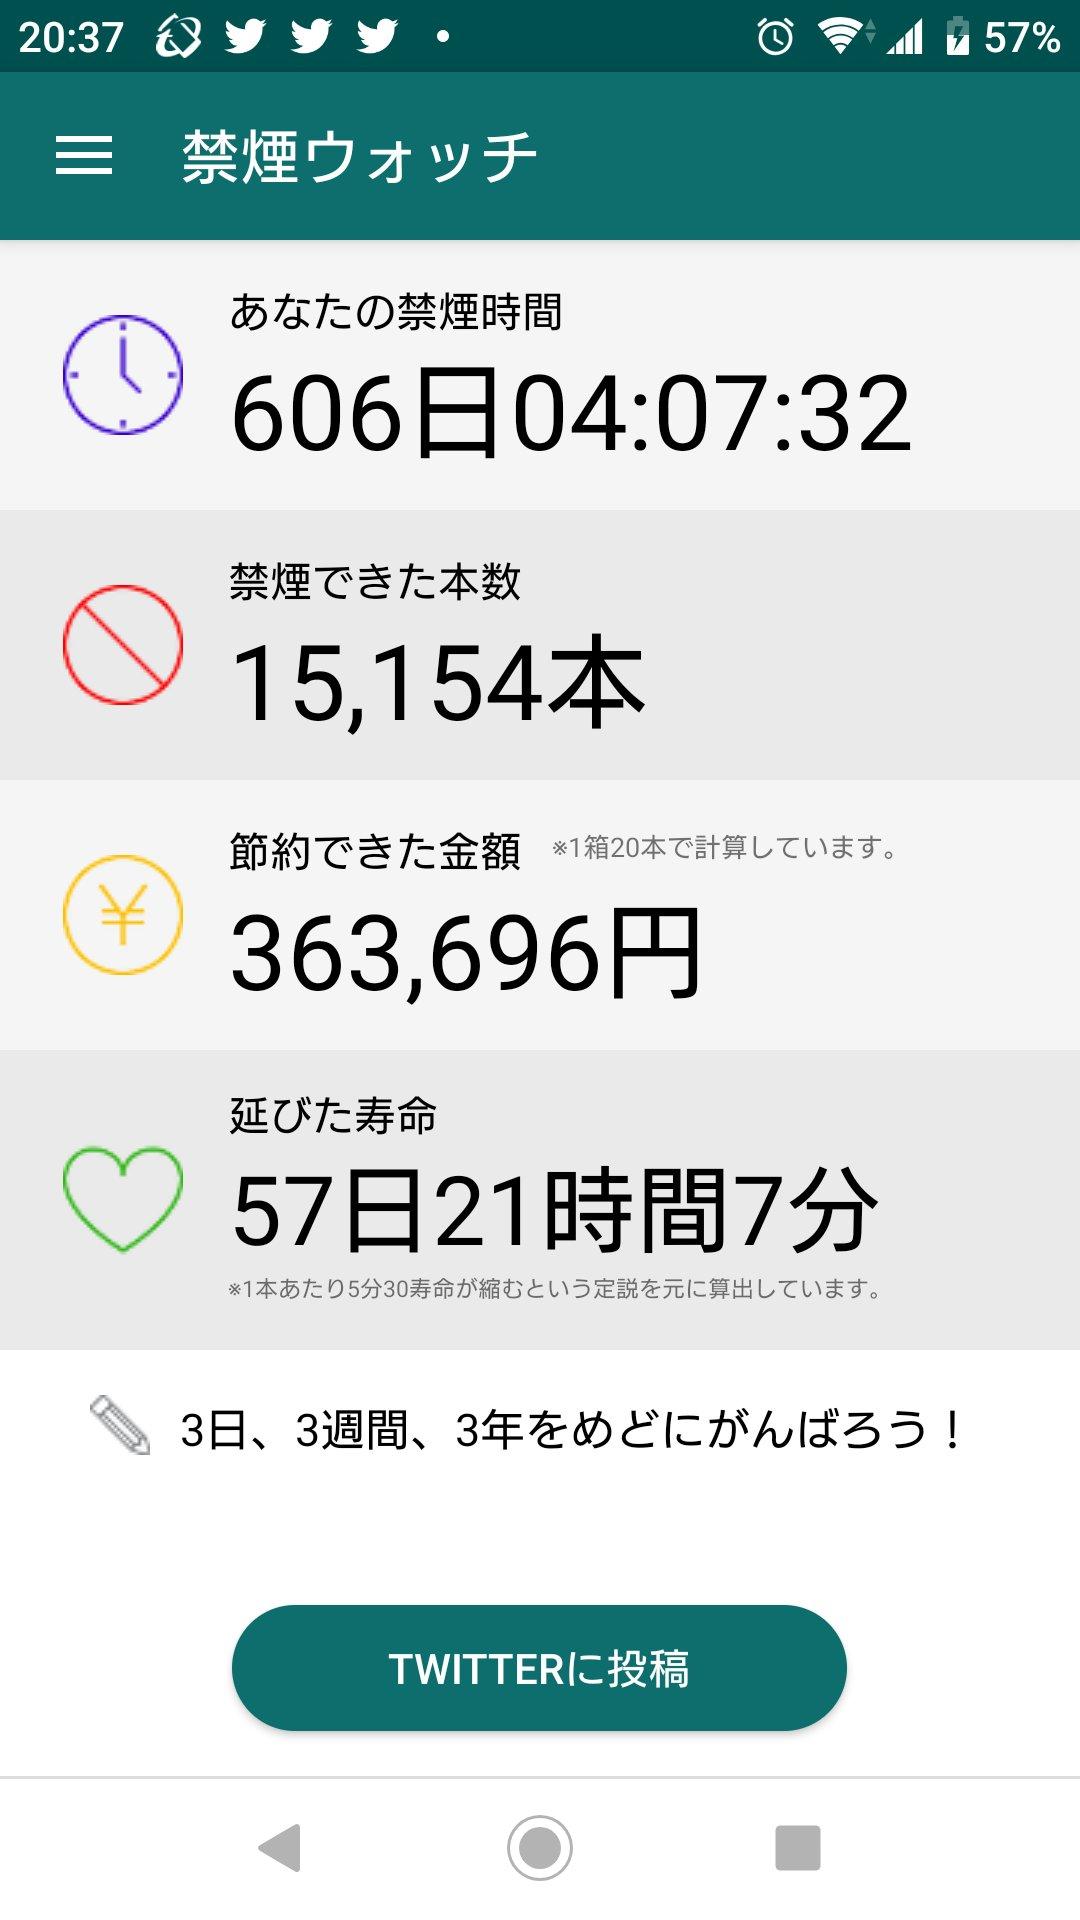 36万は何処にいったのやら┐(´∀`)┌ヤレヤレ